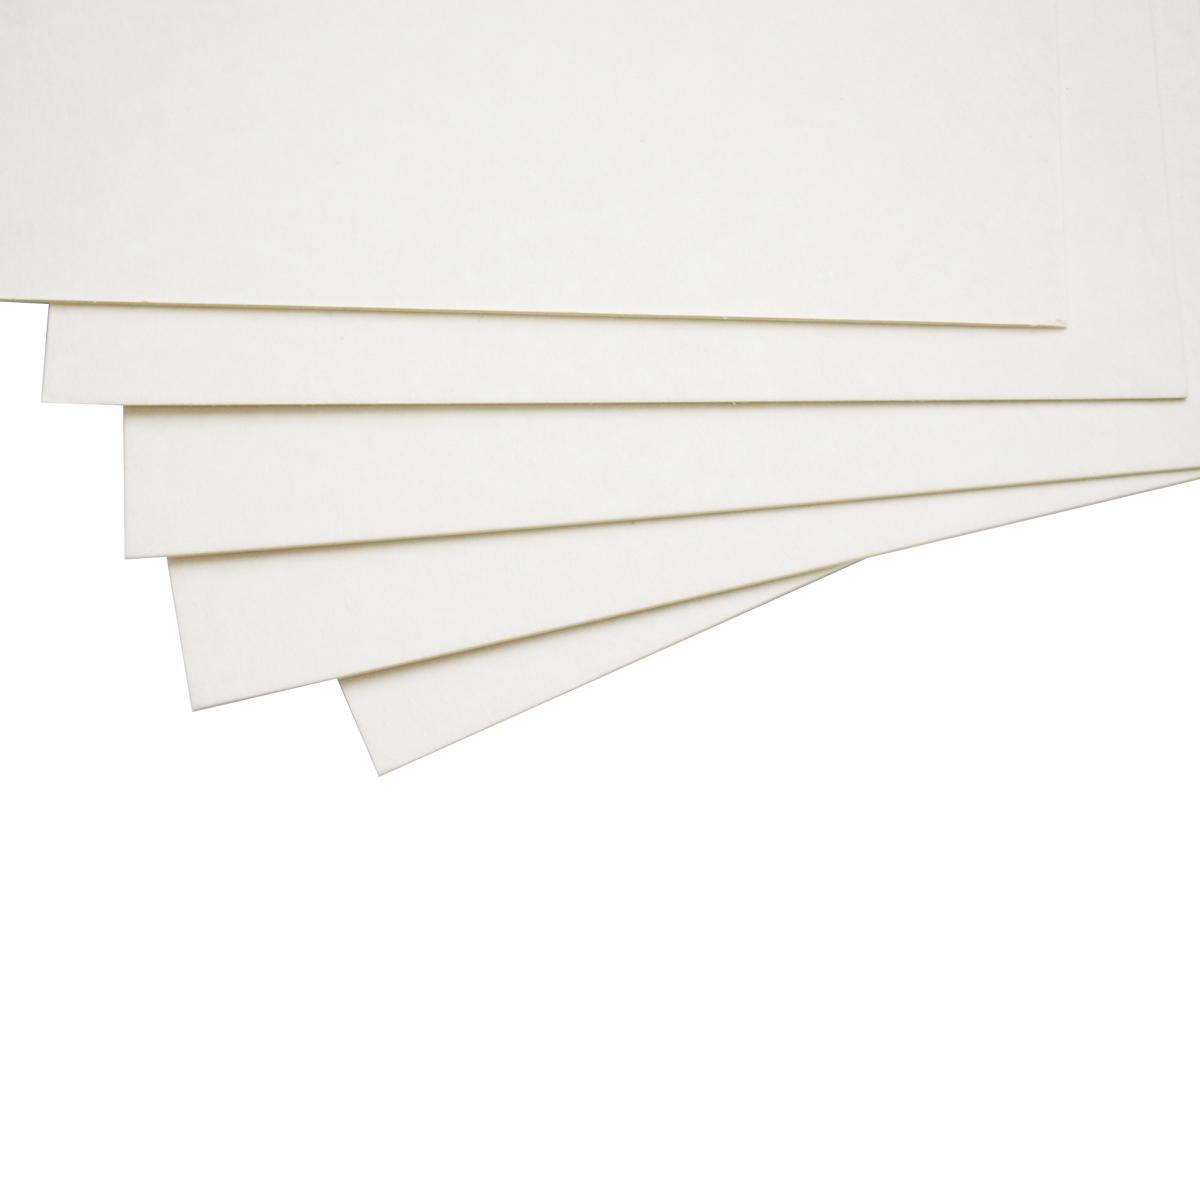 Картон пивной ЧипАрт, толщина 1 мм, 21 х 30 см, 5 листов582751Картон является незаменимой частью многих работ в скрапбукинге. Пивной картон состоит из множества тонких слоев, и легко режется, поэтому прекрасно подойдет для изготовления страниц в альбомах.